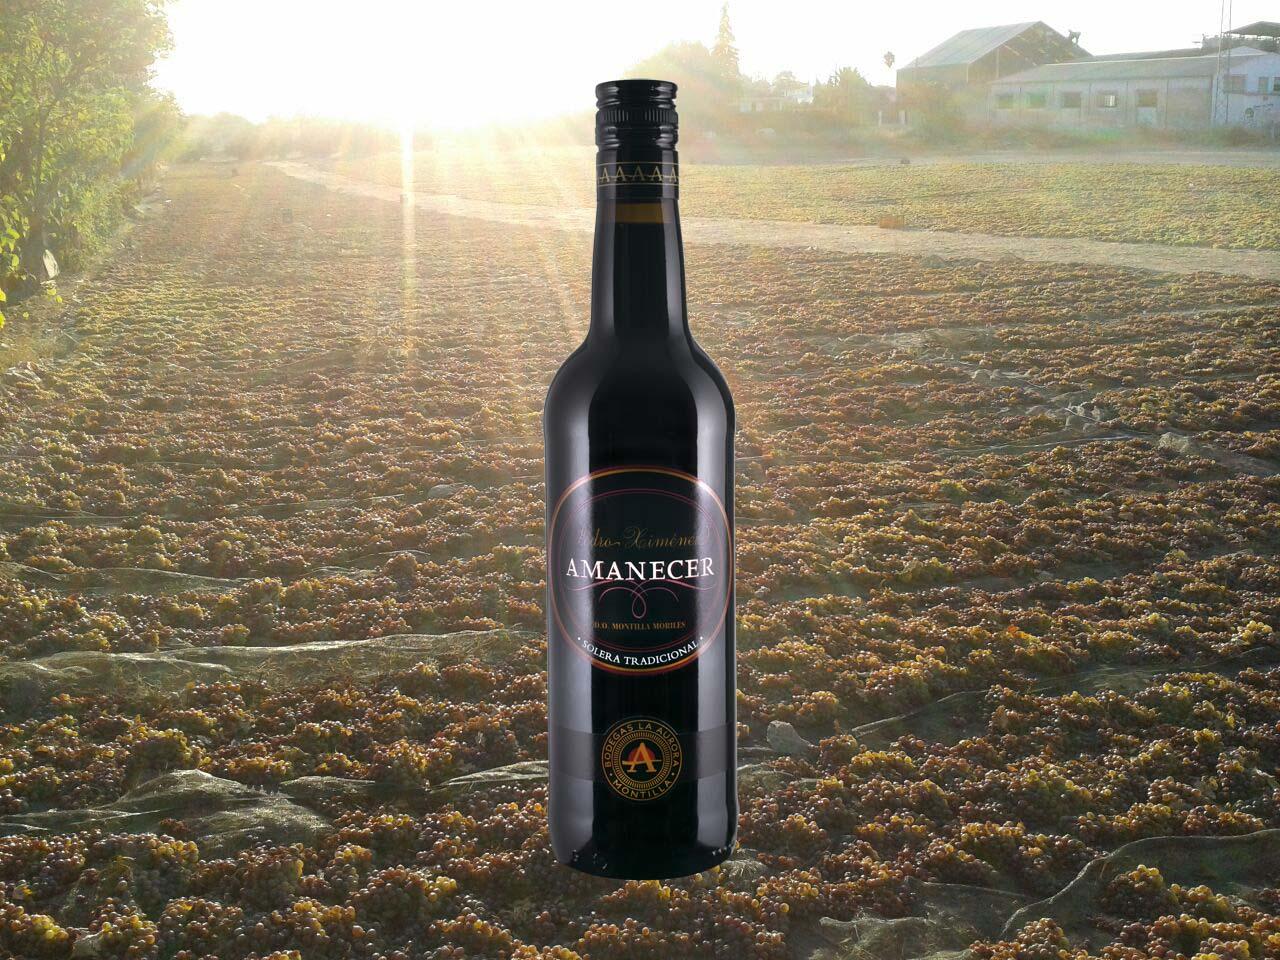 El soleado de la uva vino pedro ximenez